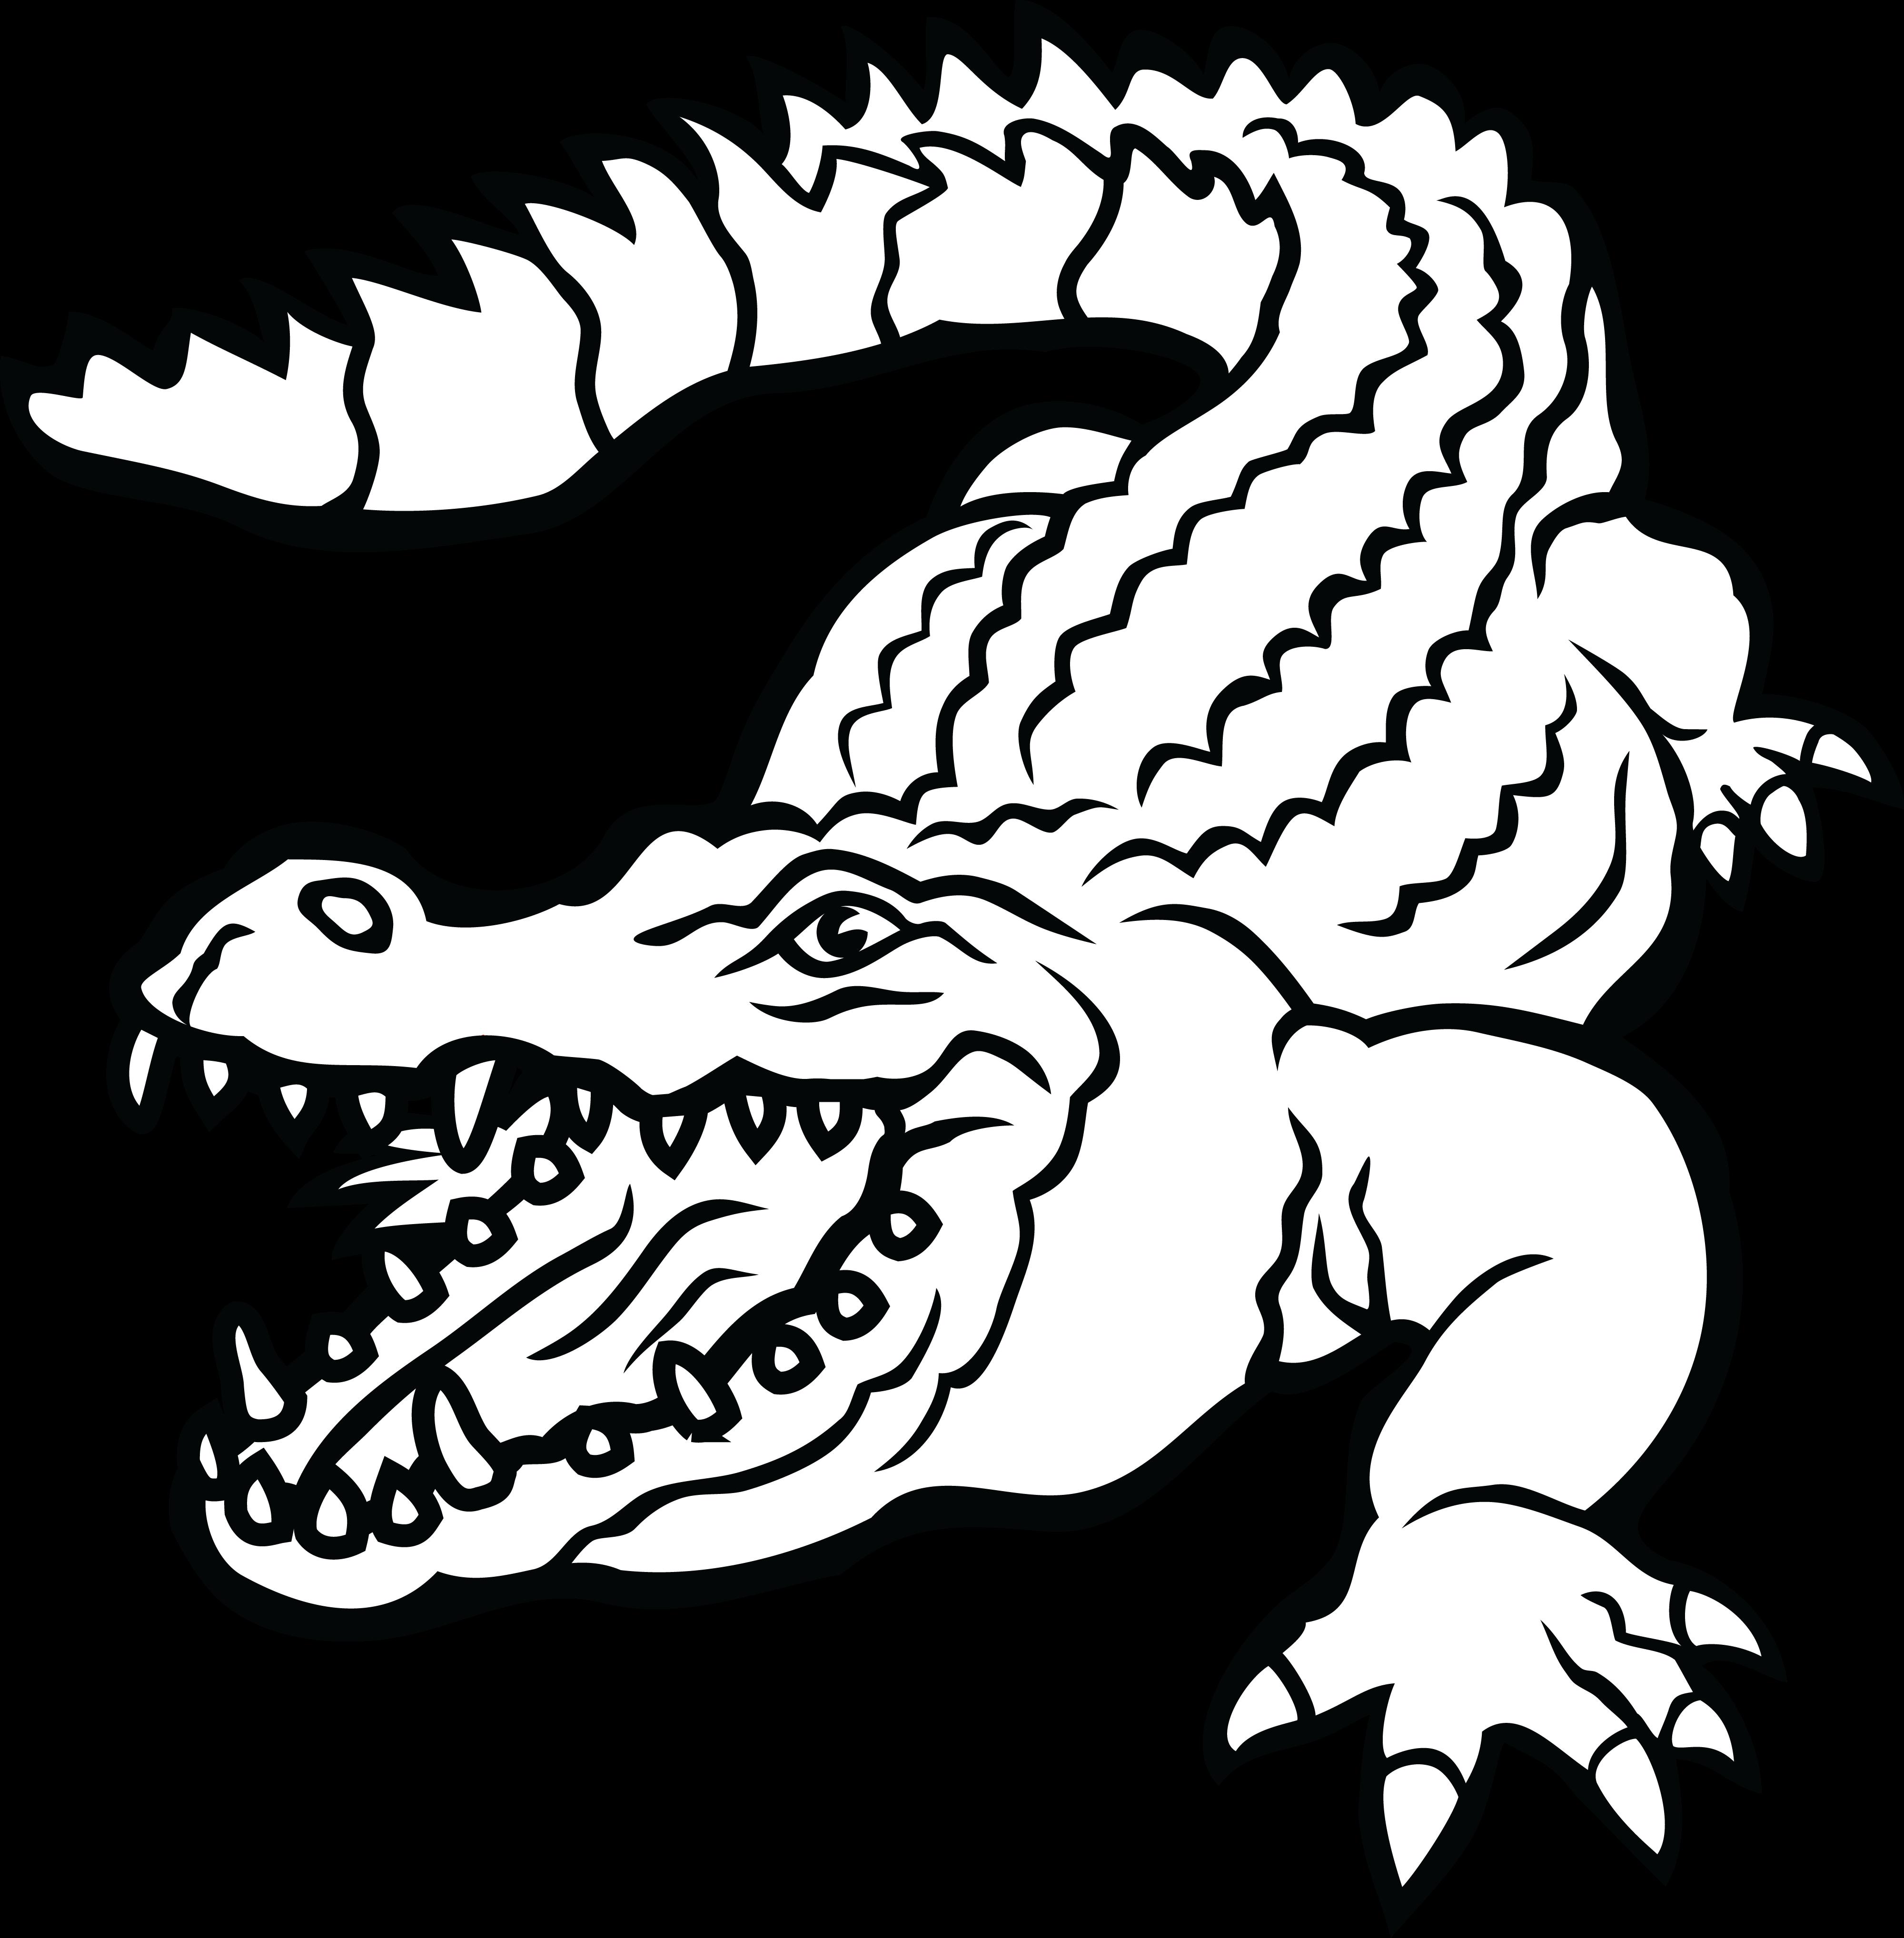 танцевальная крокодил рисунок для раскрашивания ставили несколько